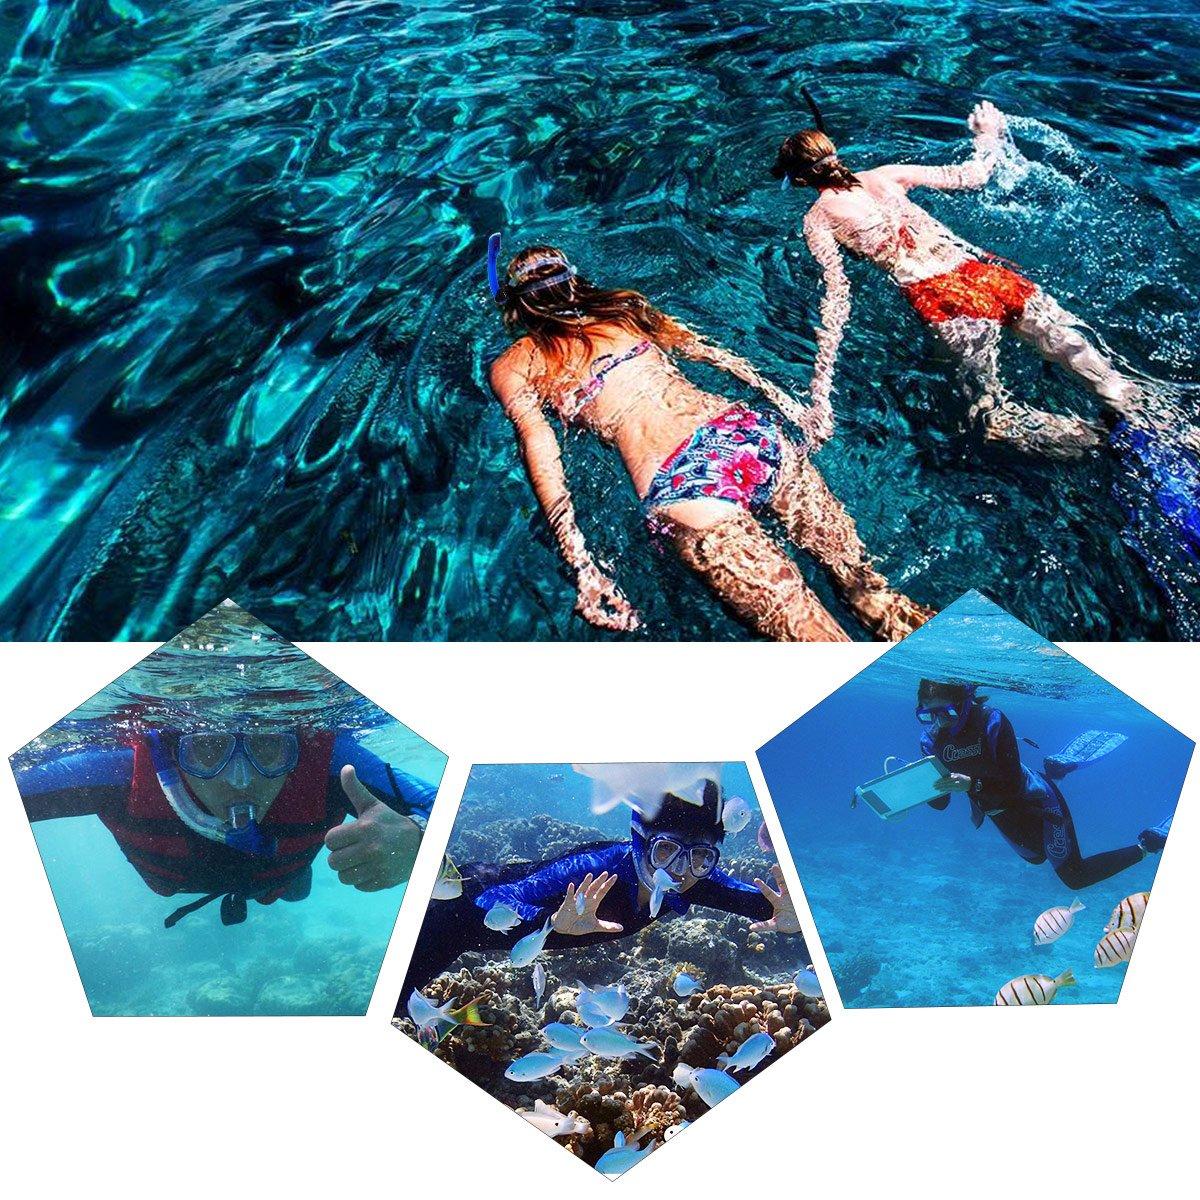 100/% wasserdichte WEINAS Premium Schnorchelset Taucherbrille mit Schnorchel Komfort-Gummiband diving mask Erwachsene gopro stand